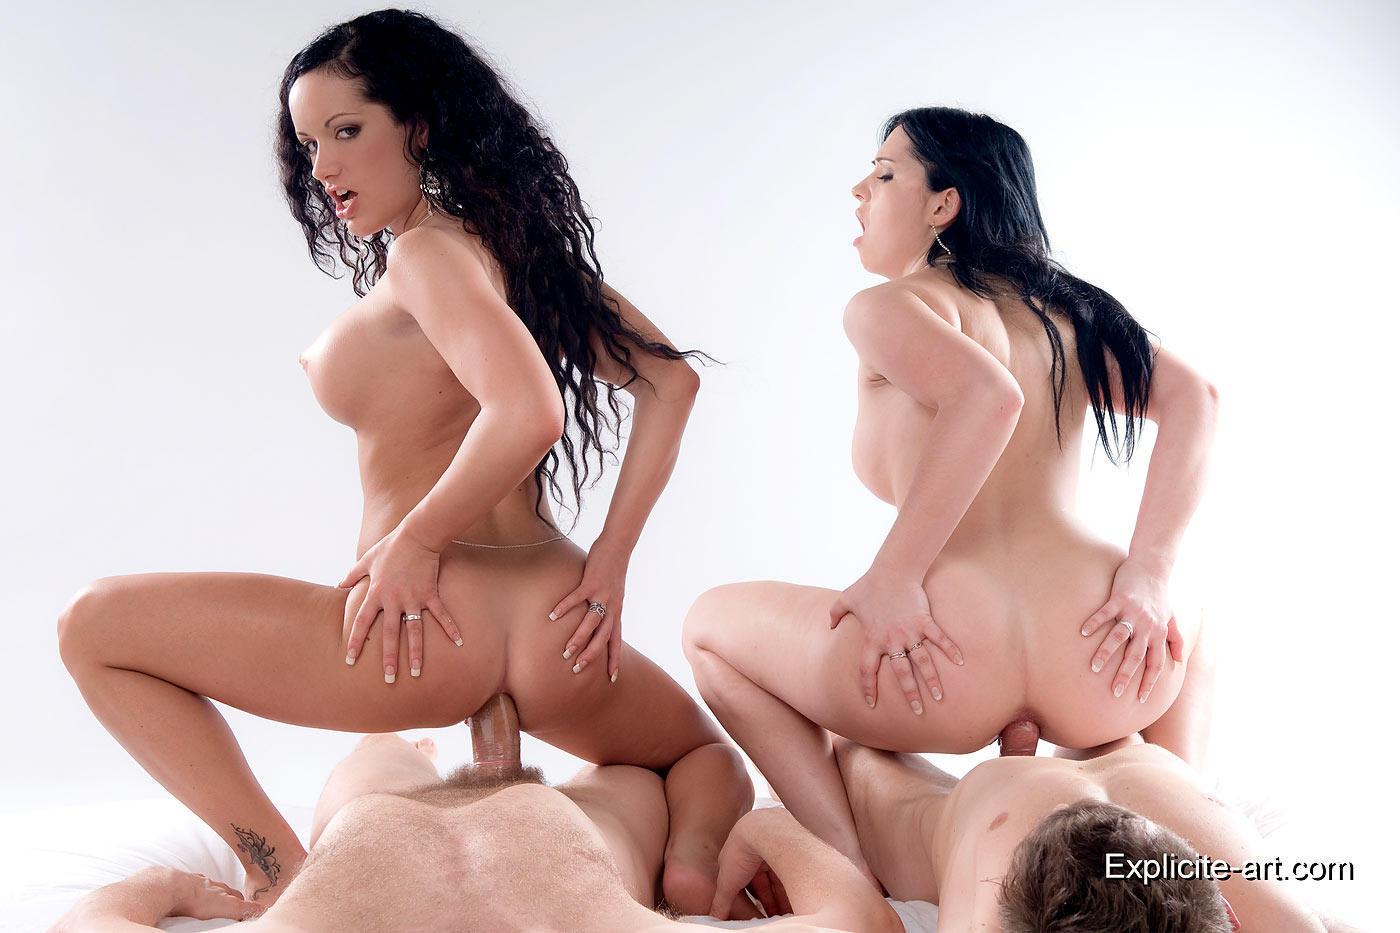 Sarah michelle gellar sex scene videos